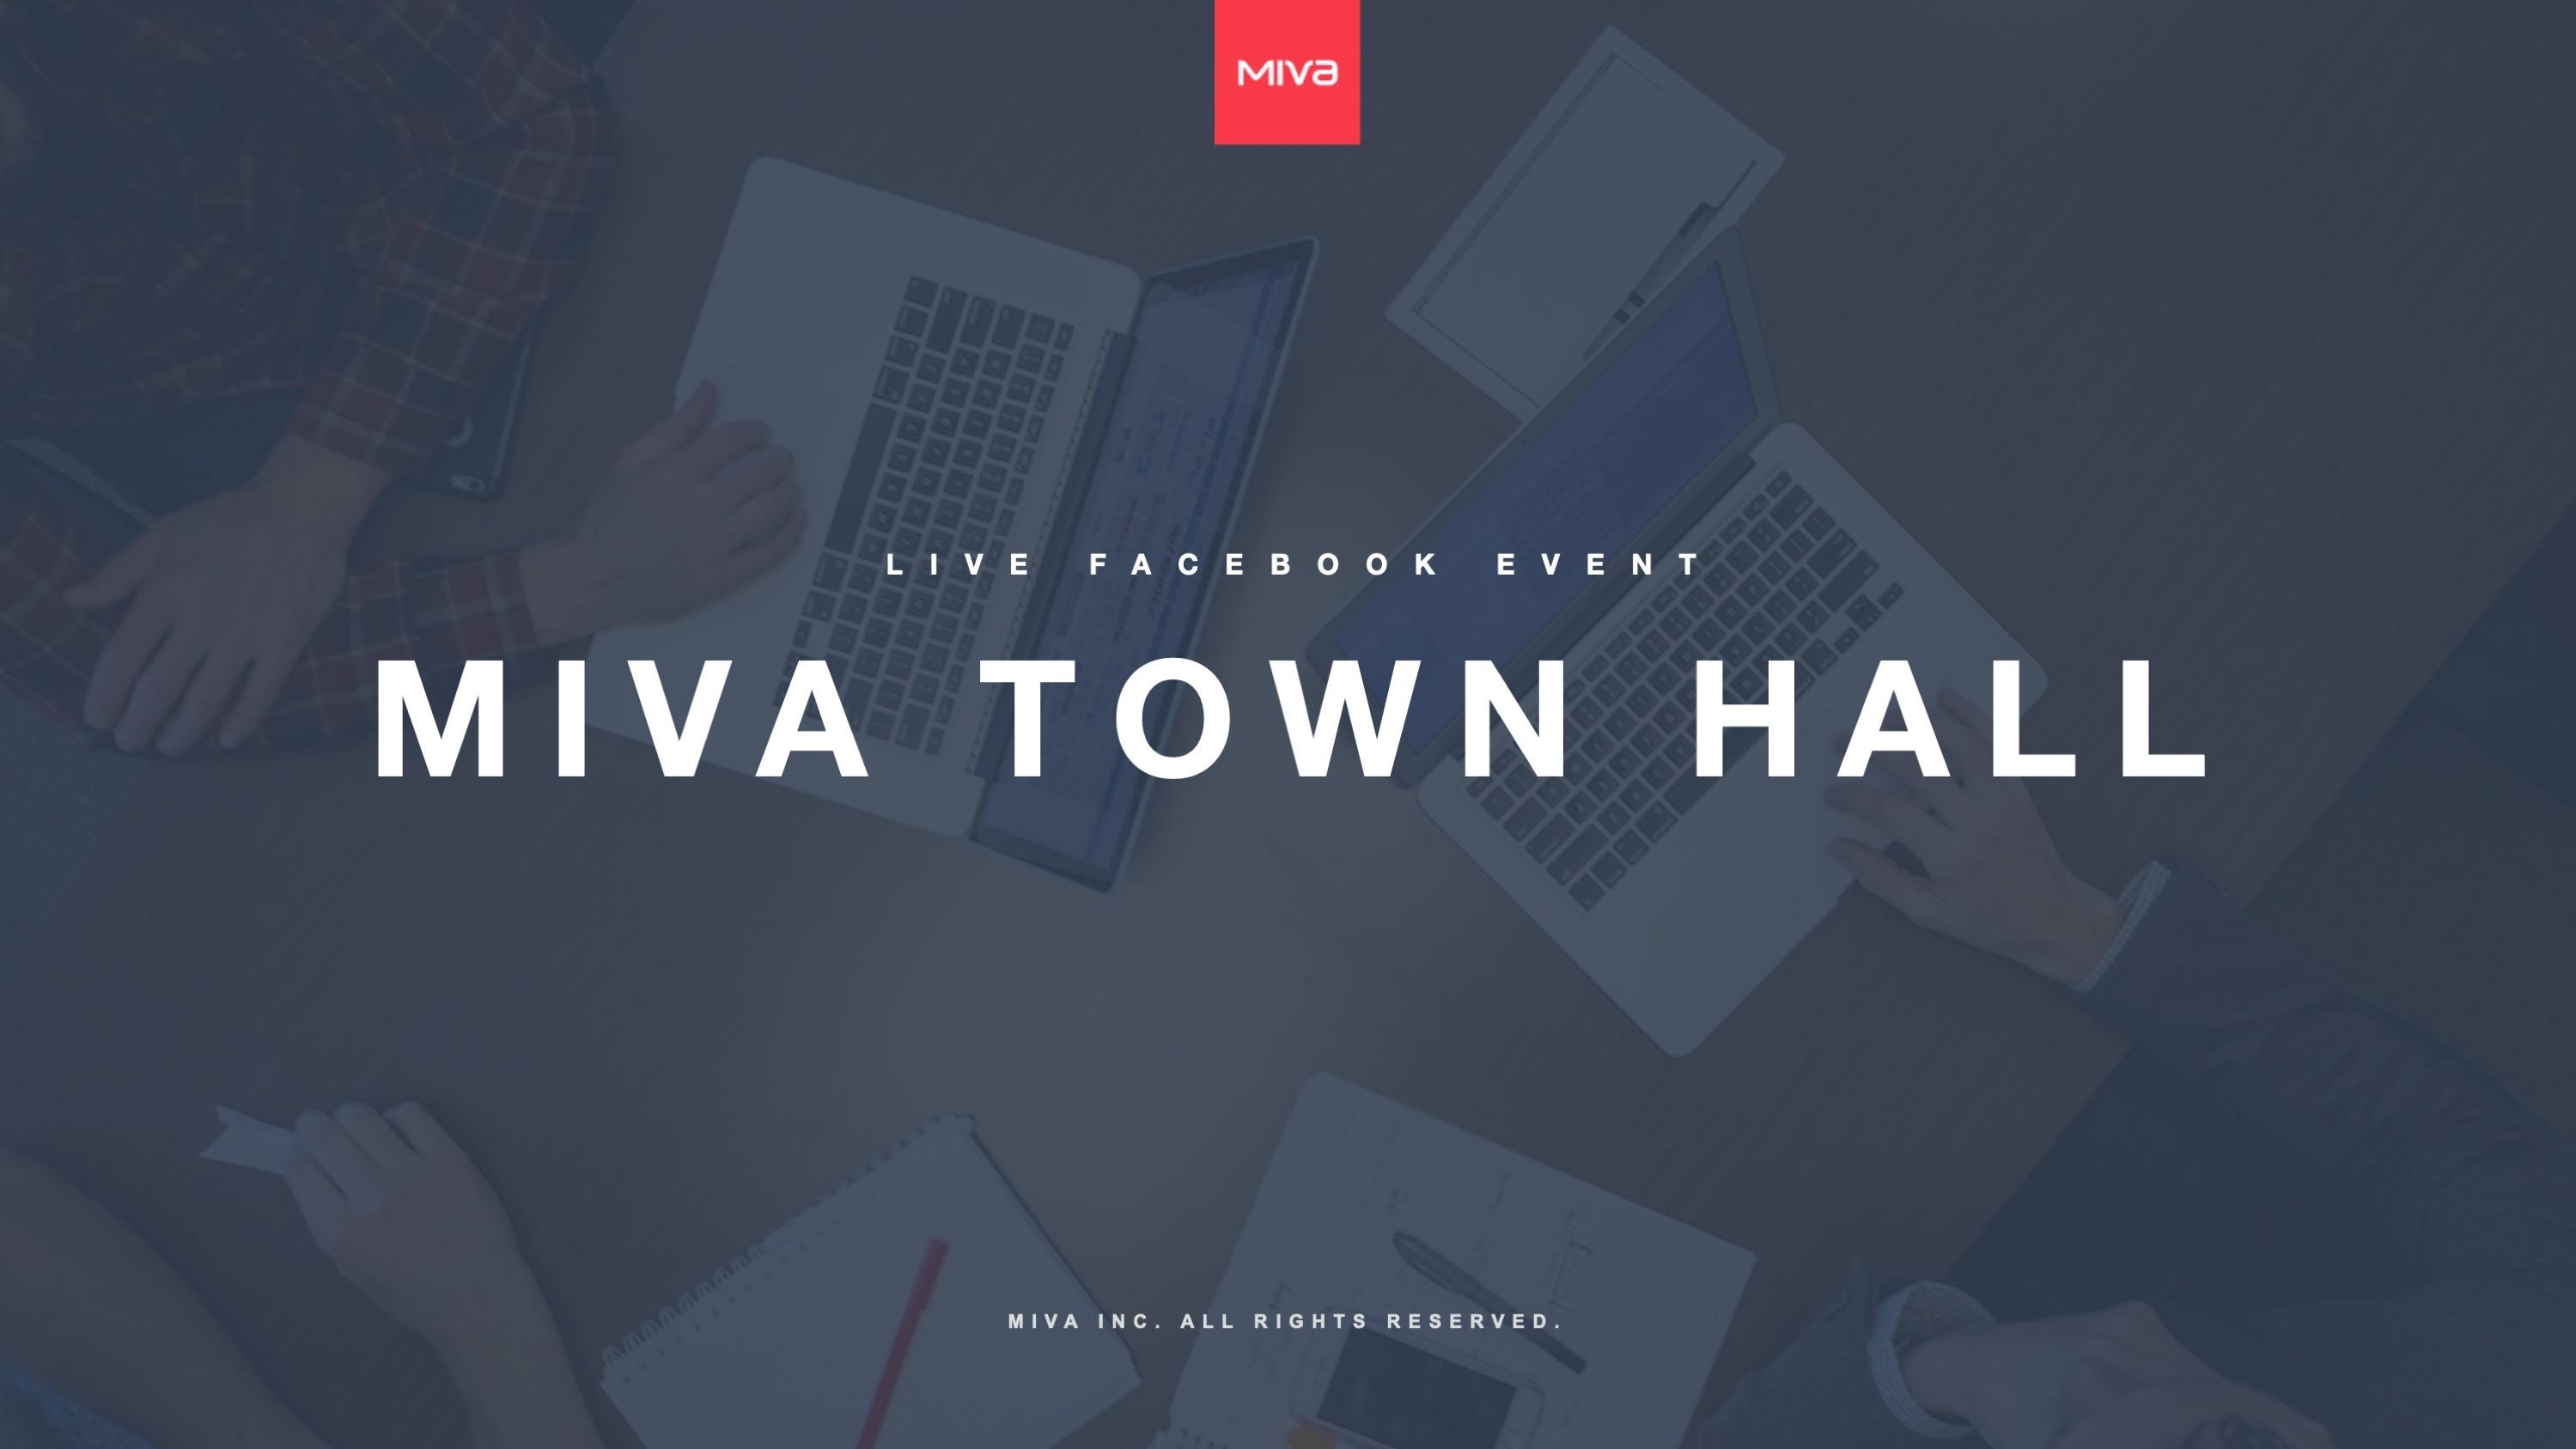 Miva Town Hall 2019